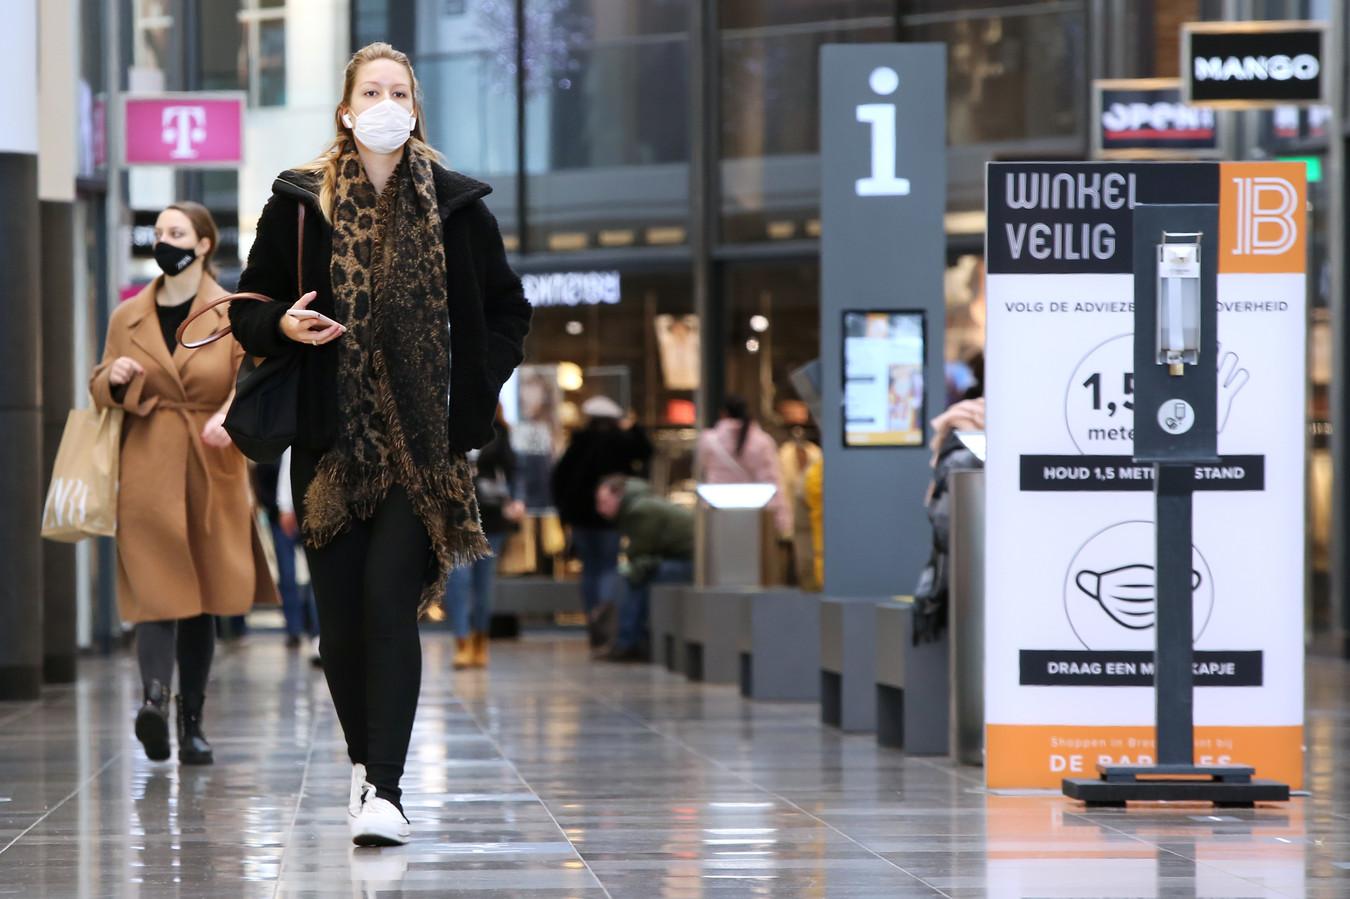 In overdekt winkelcentrum de Barones in Breda zijn mondkapjes verplicht.